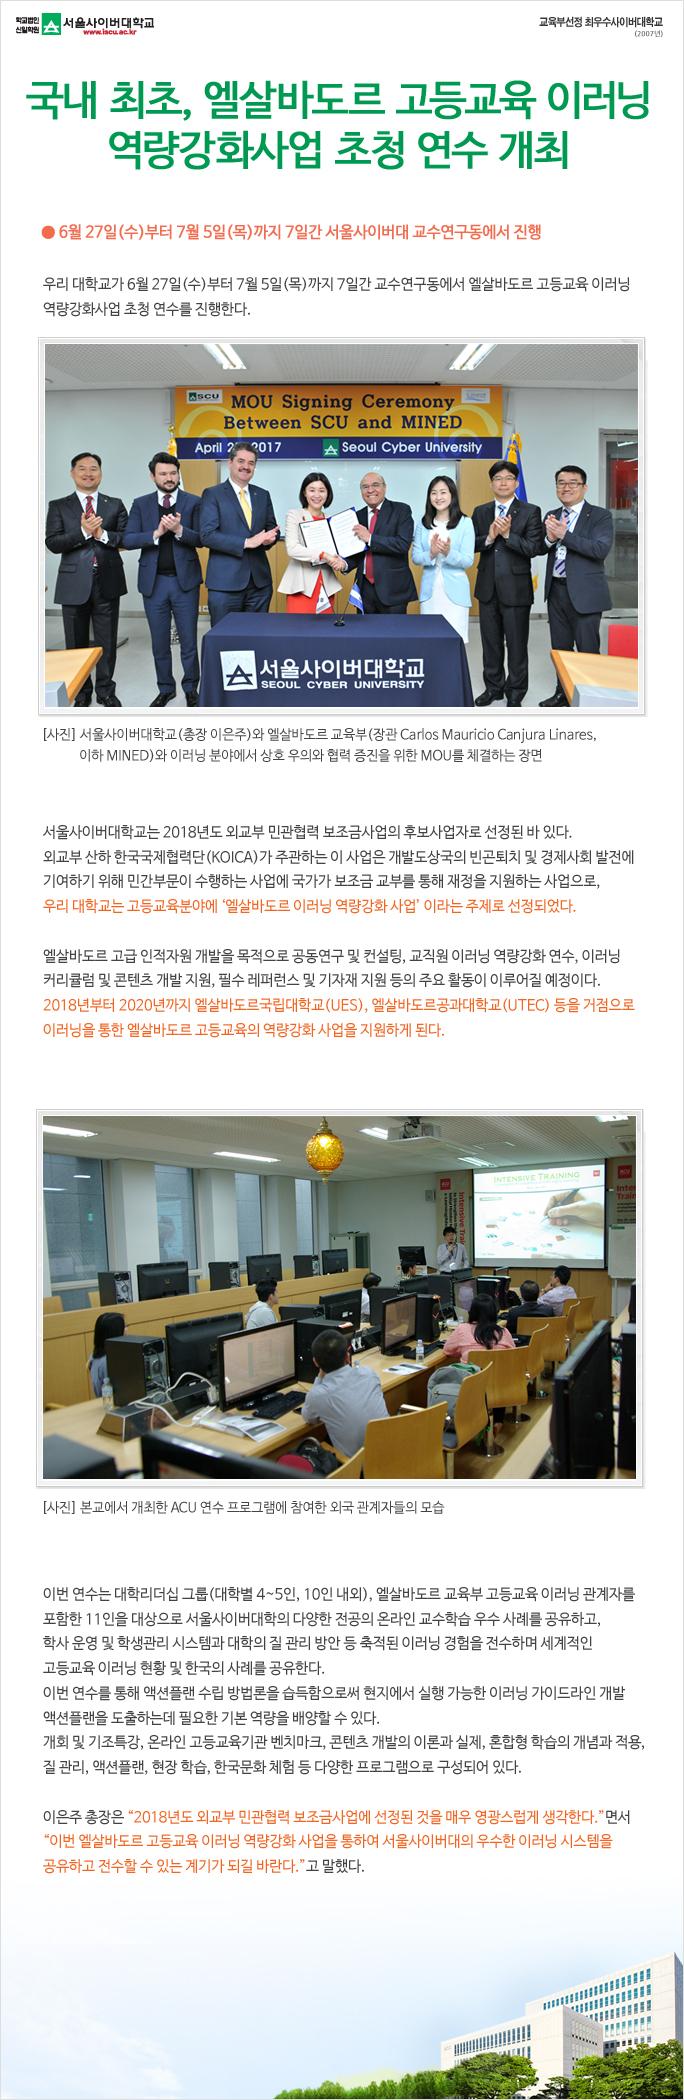 국내 최초, 중남미 국가 대학리더십 이러닝 역량강화 초청 연수 개최